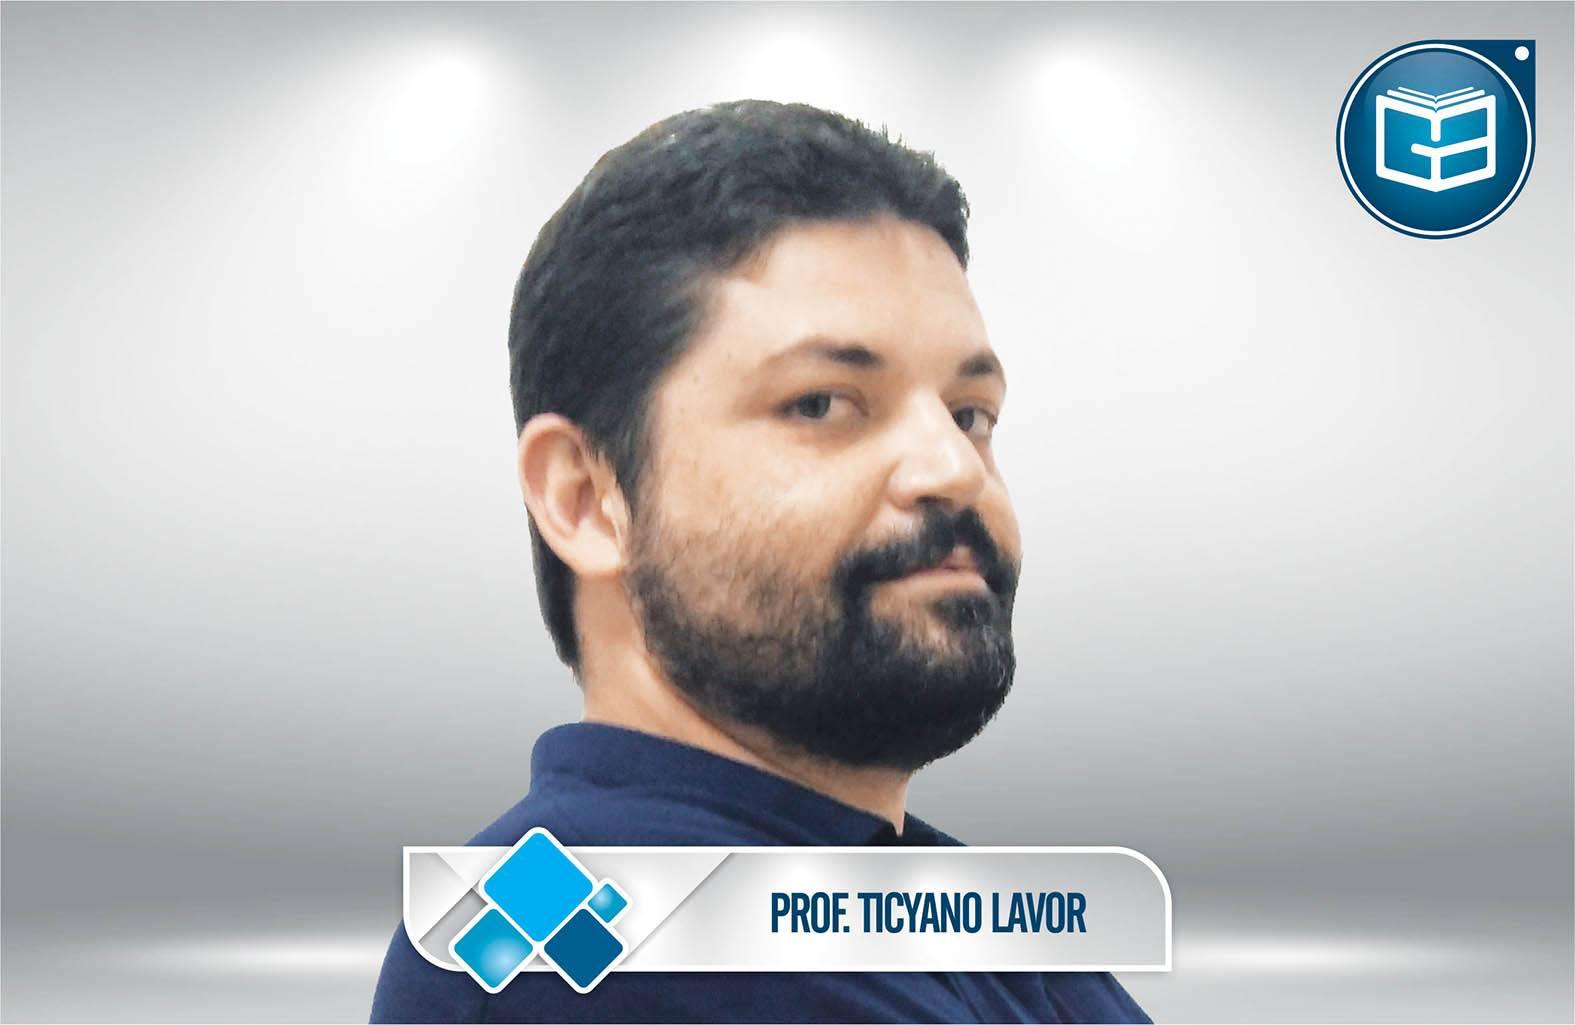 Ticyano Lavor